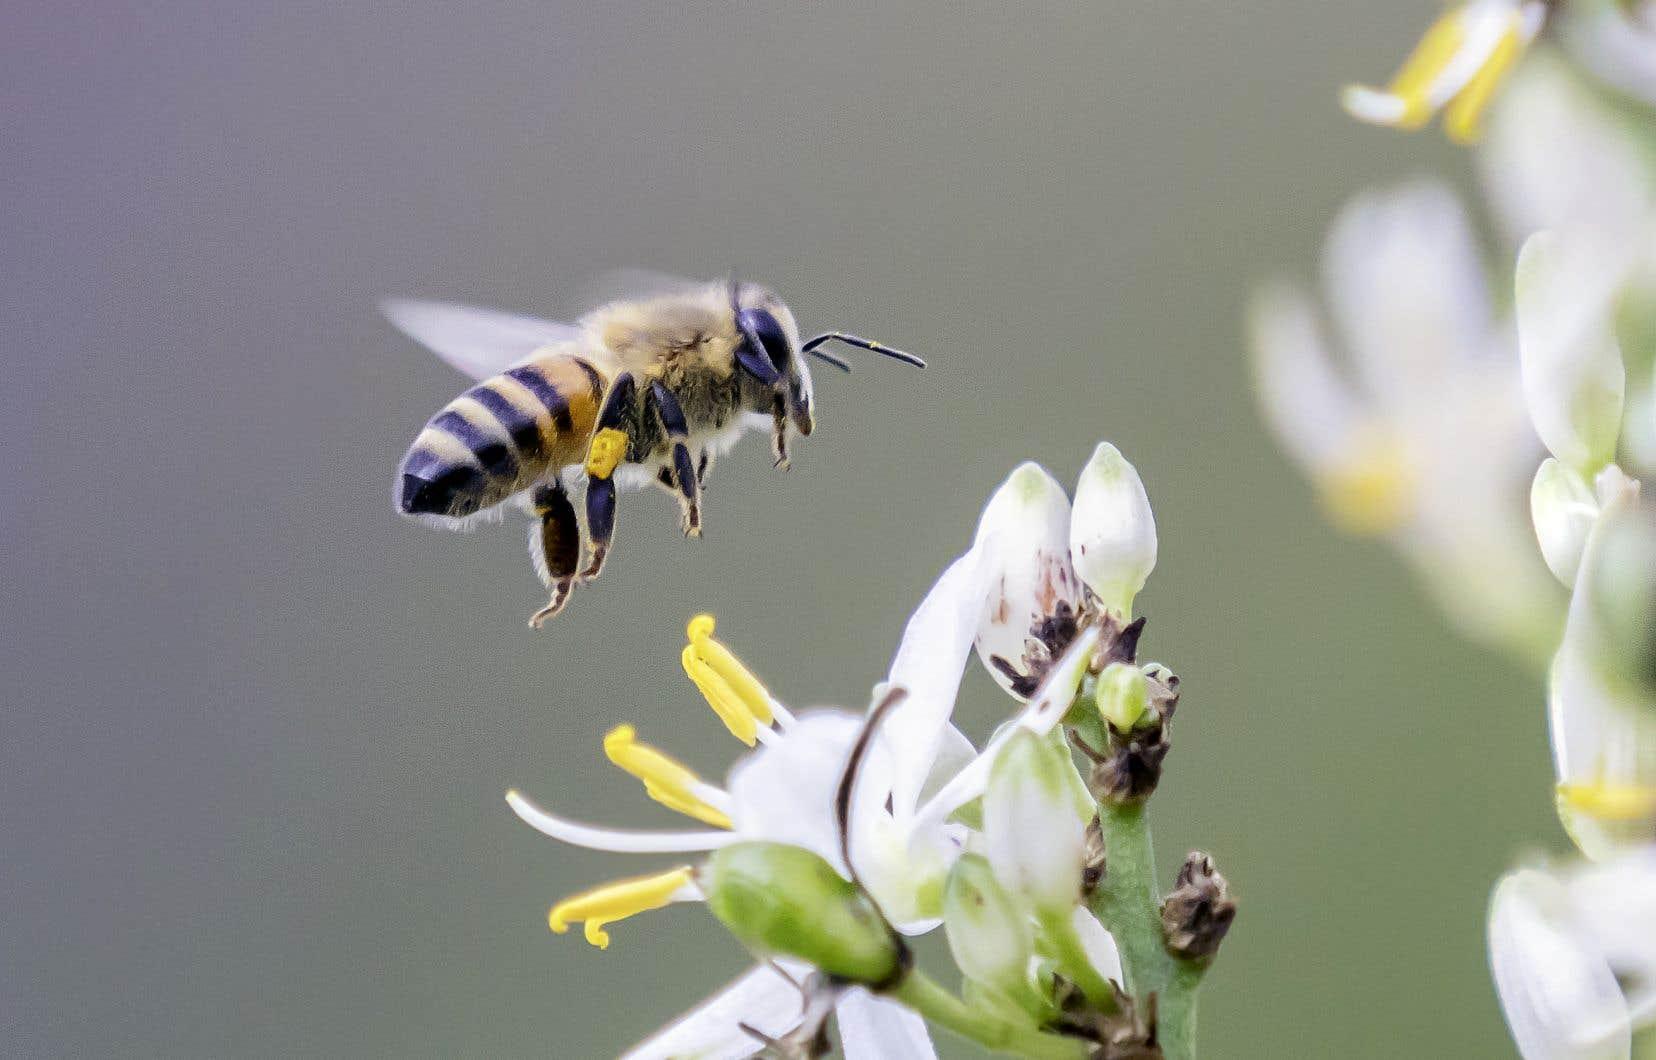 Le consensus scientifique mondial veut que les néonicotinoïdes aient des effets délétères sur les abeilles domestiques et sur plusieurs autres insectes.